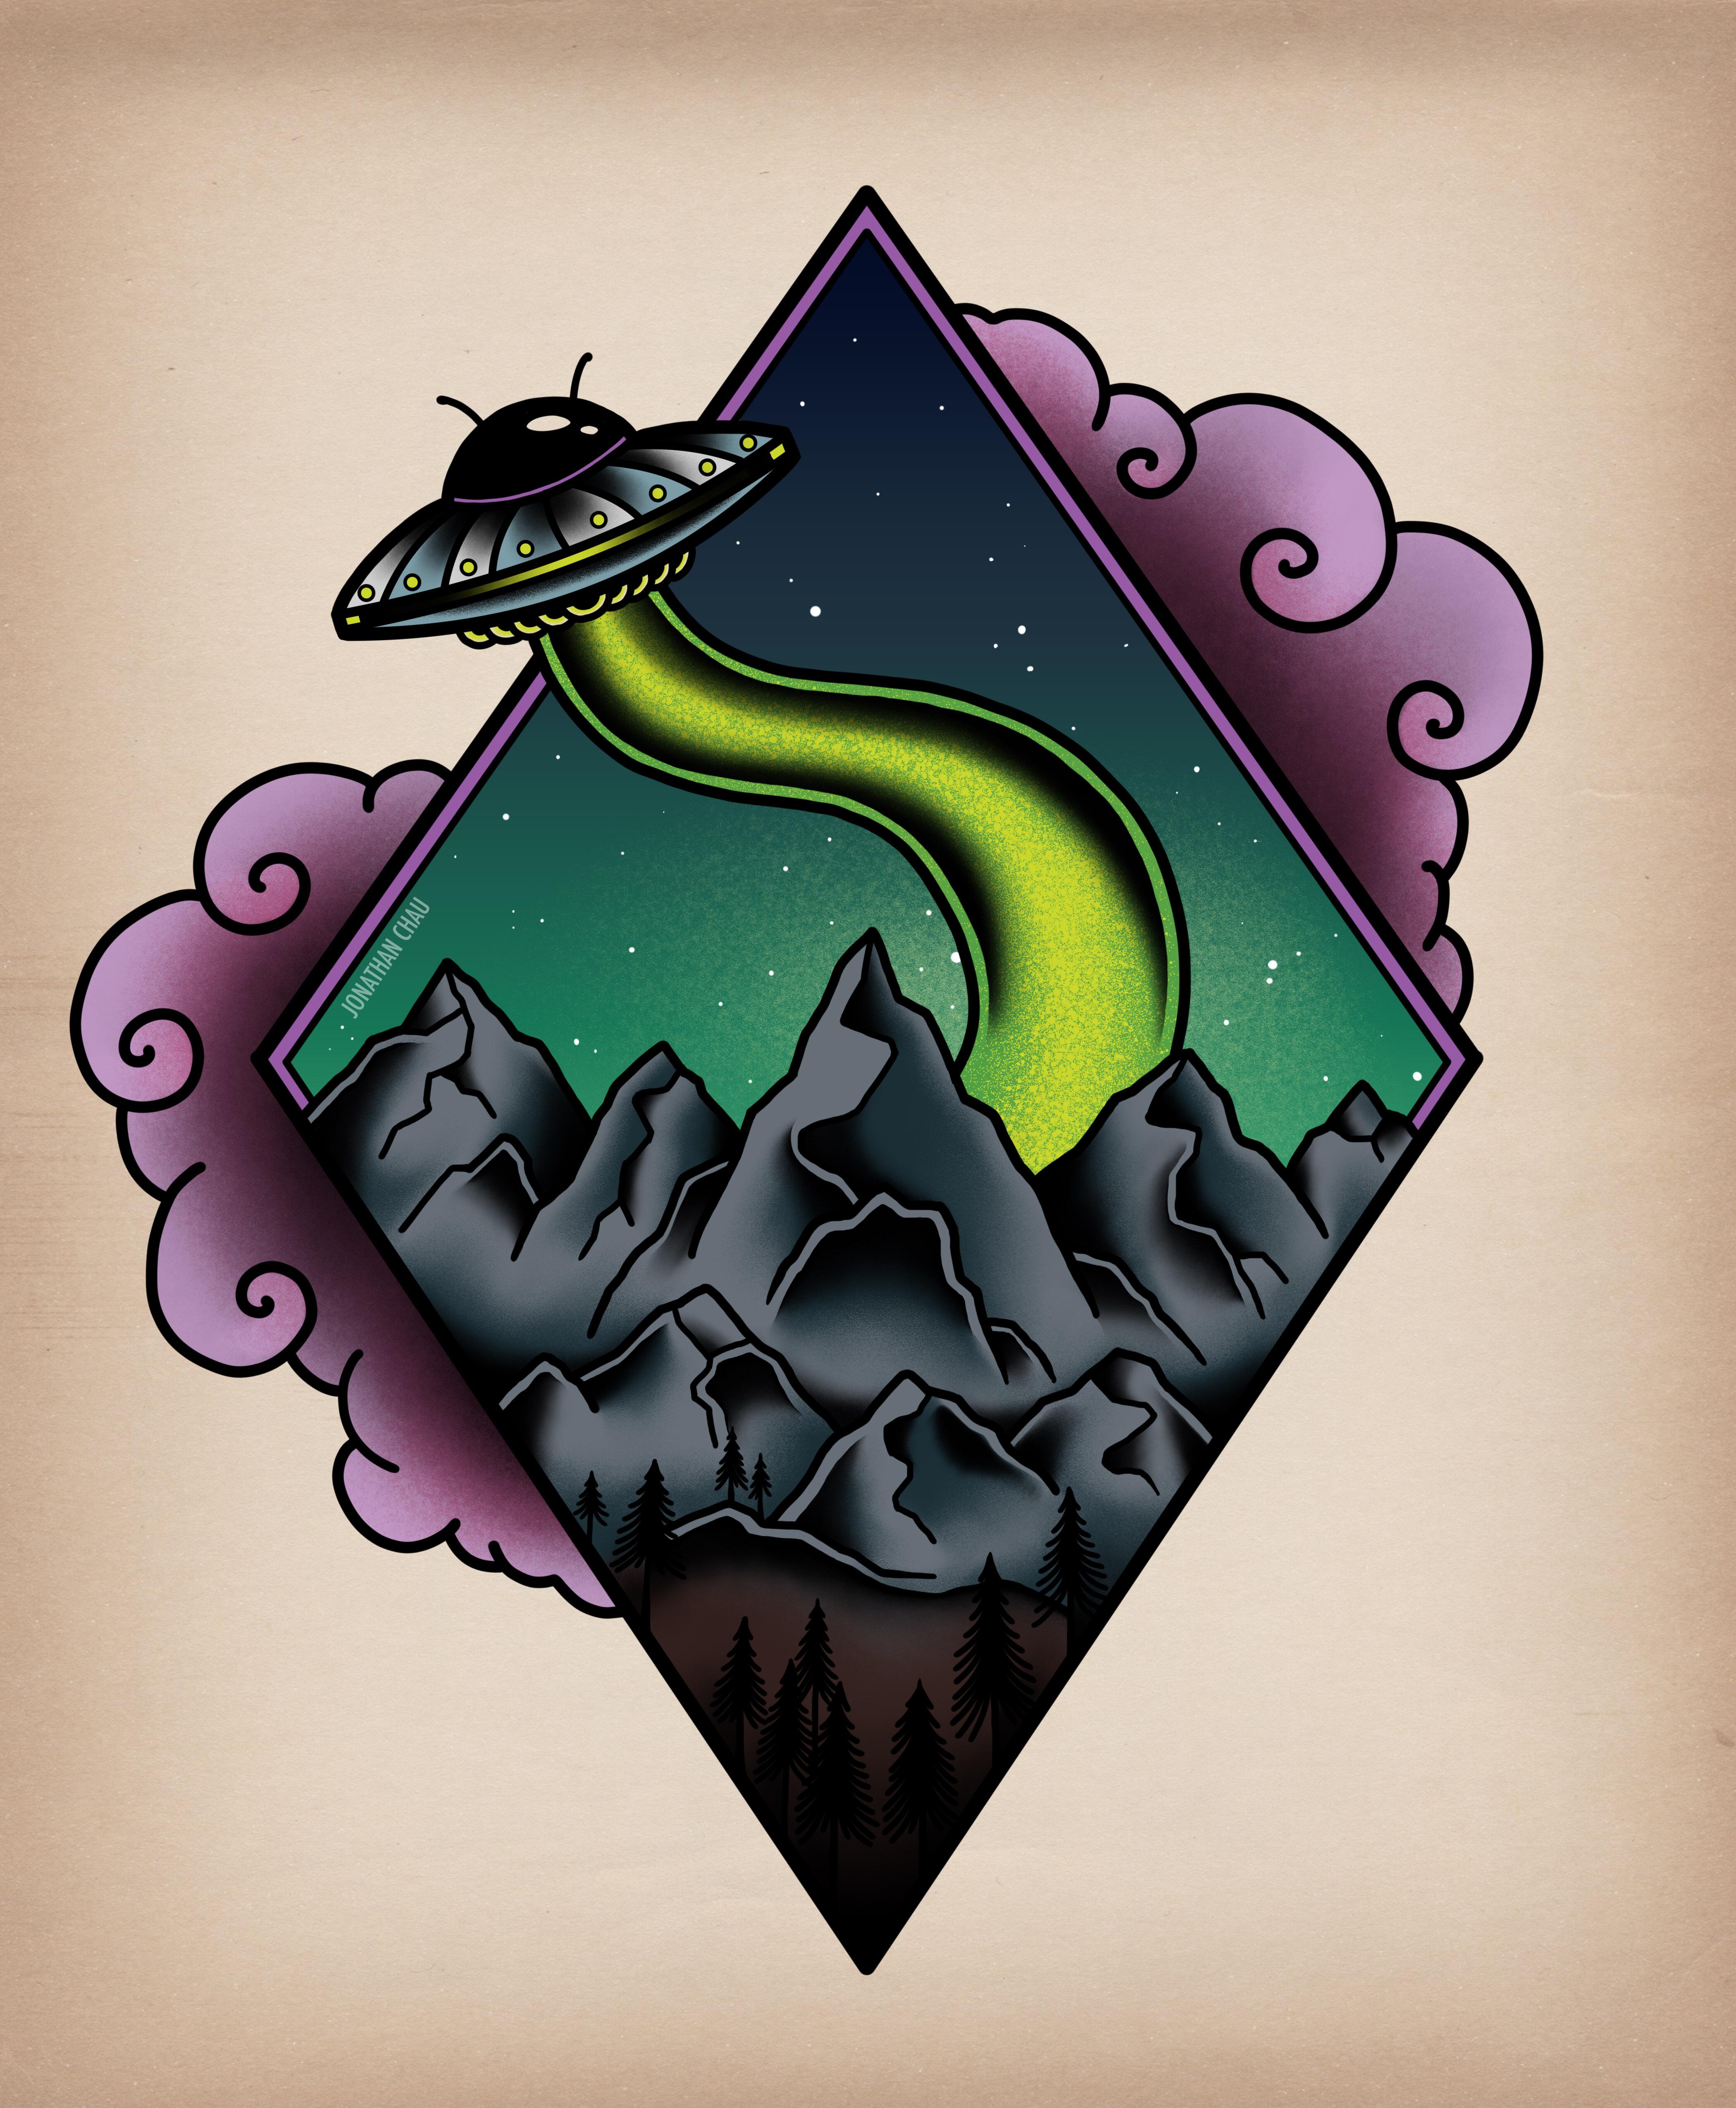 Geometric alien traditional tattoo art – Geometric alien traditional tattoo art – # foreign #geometris …